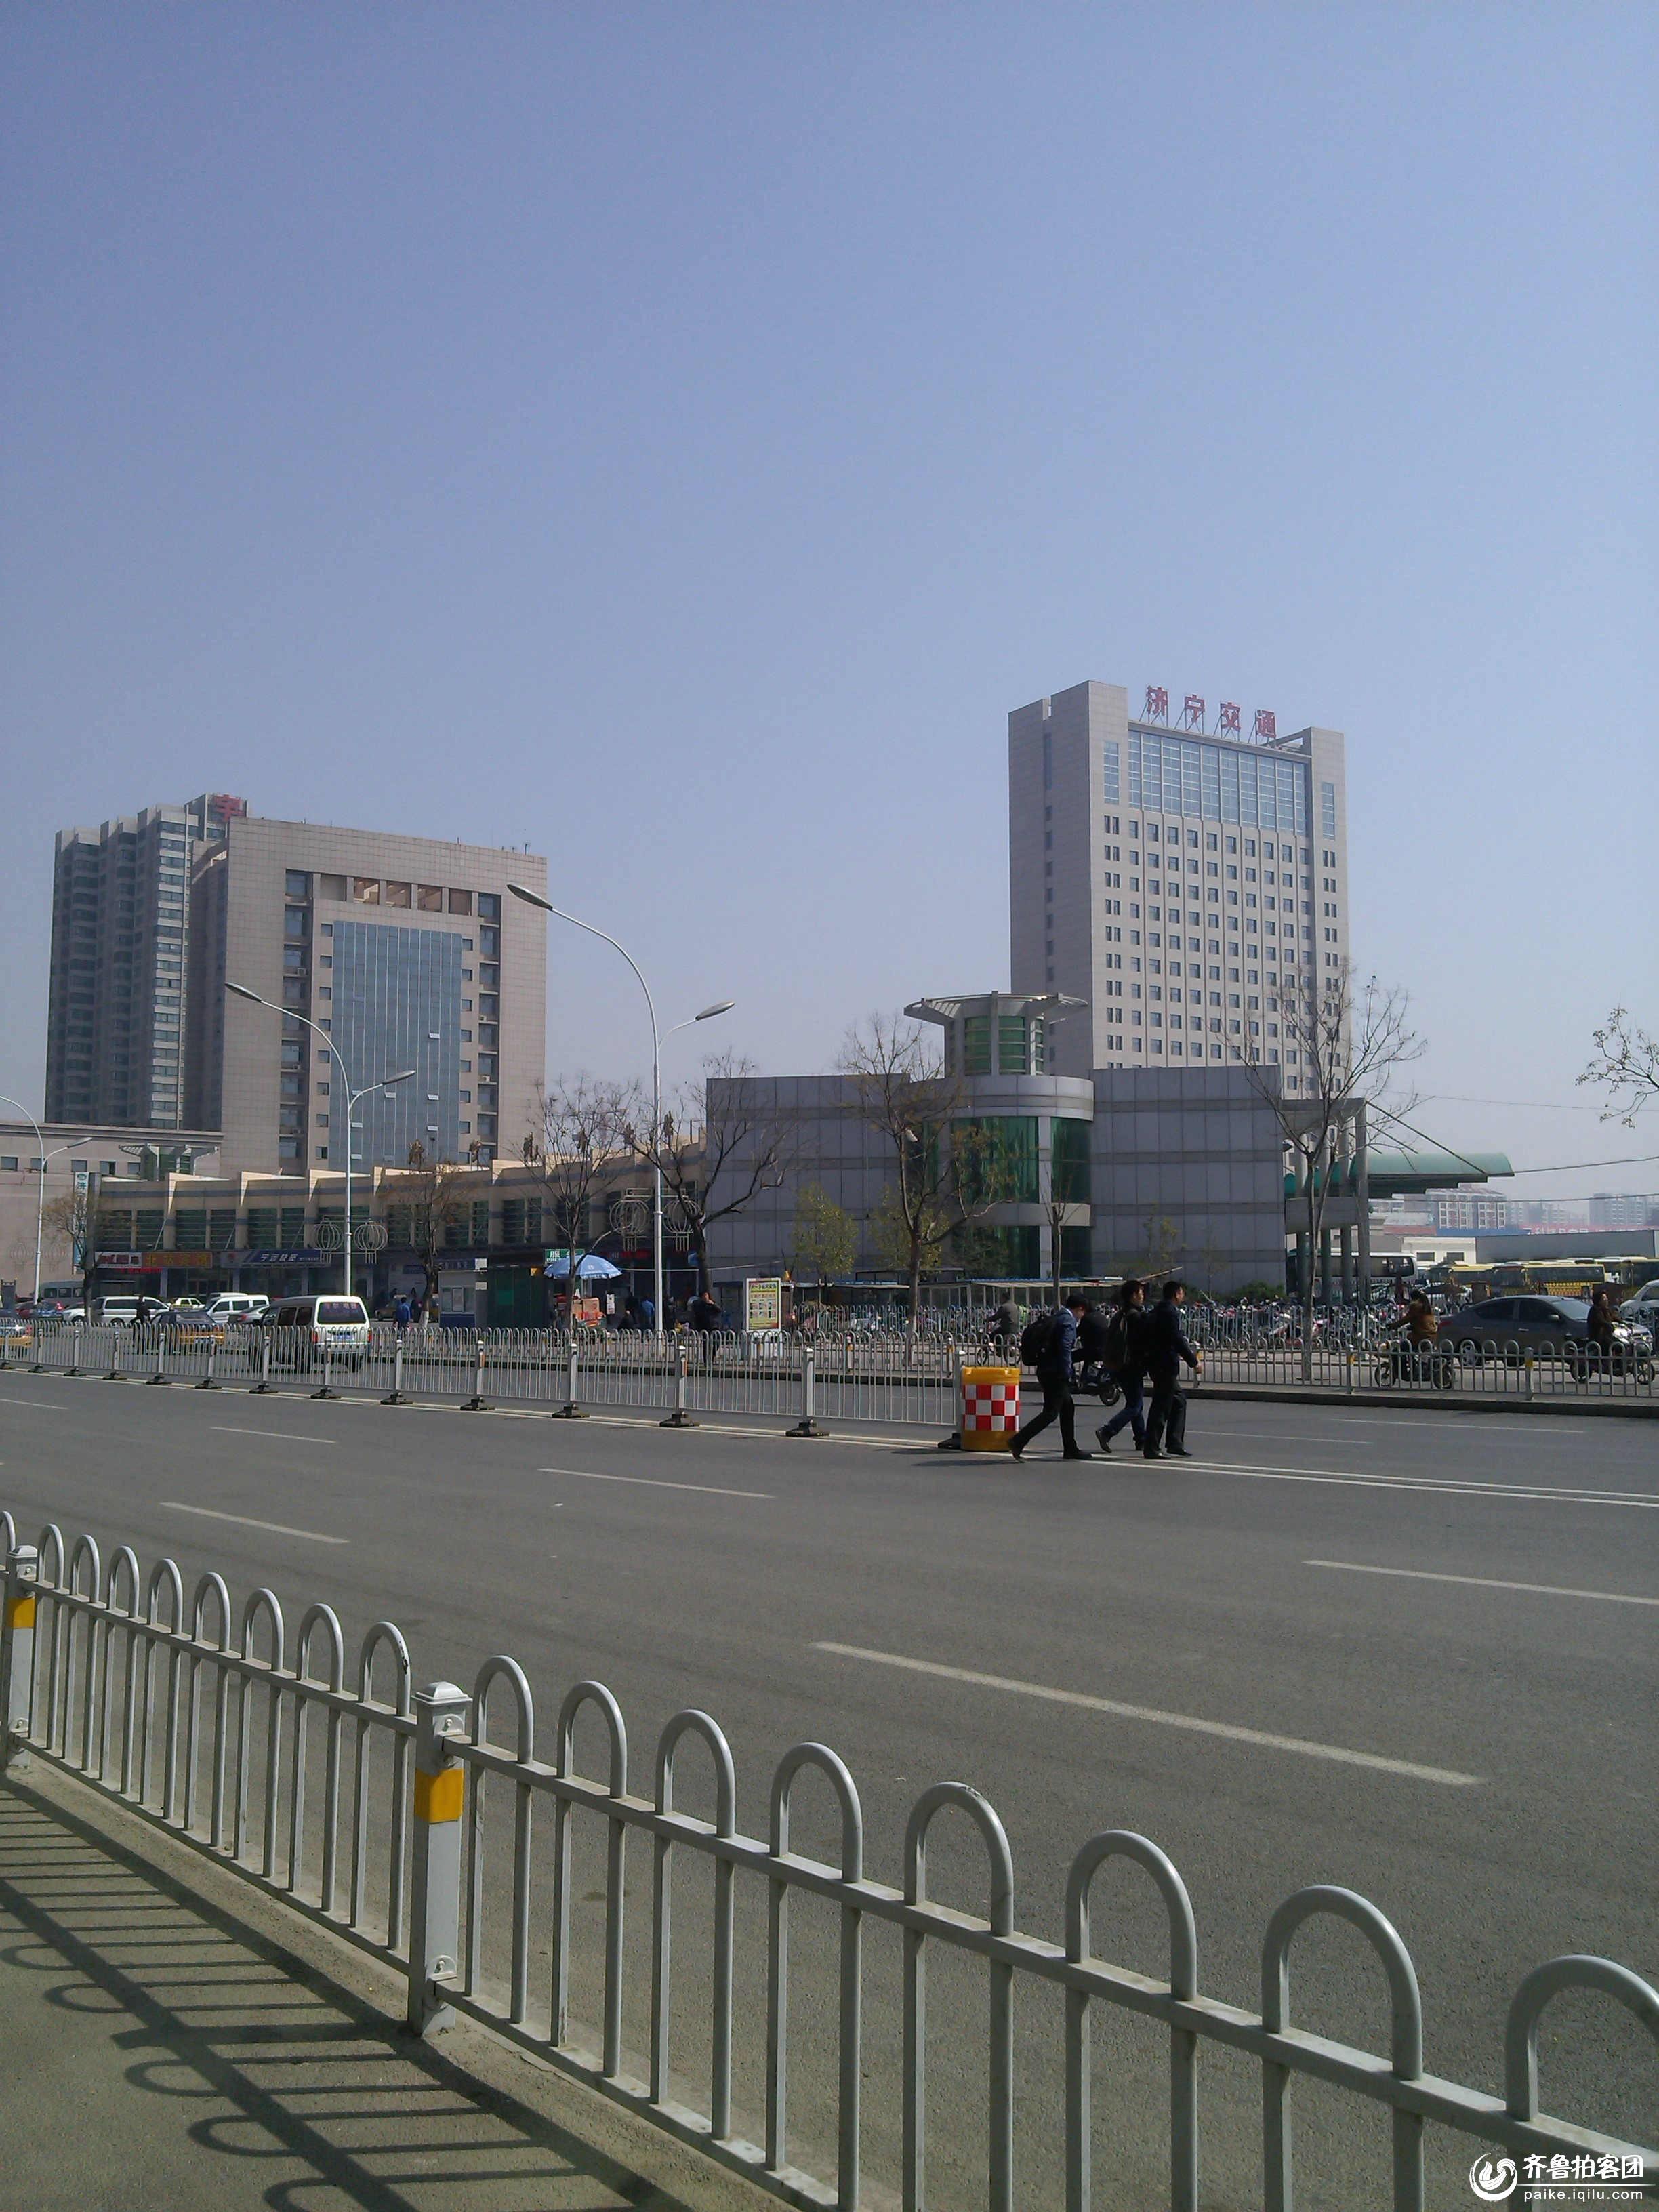 小区风景 - 济宁拍客 - 齐鲁社区 - 山东最大的城市